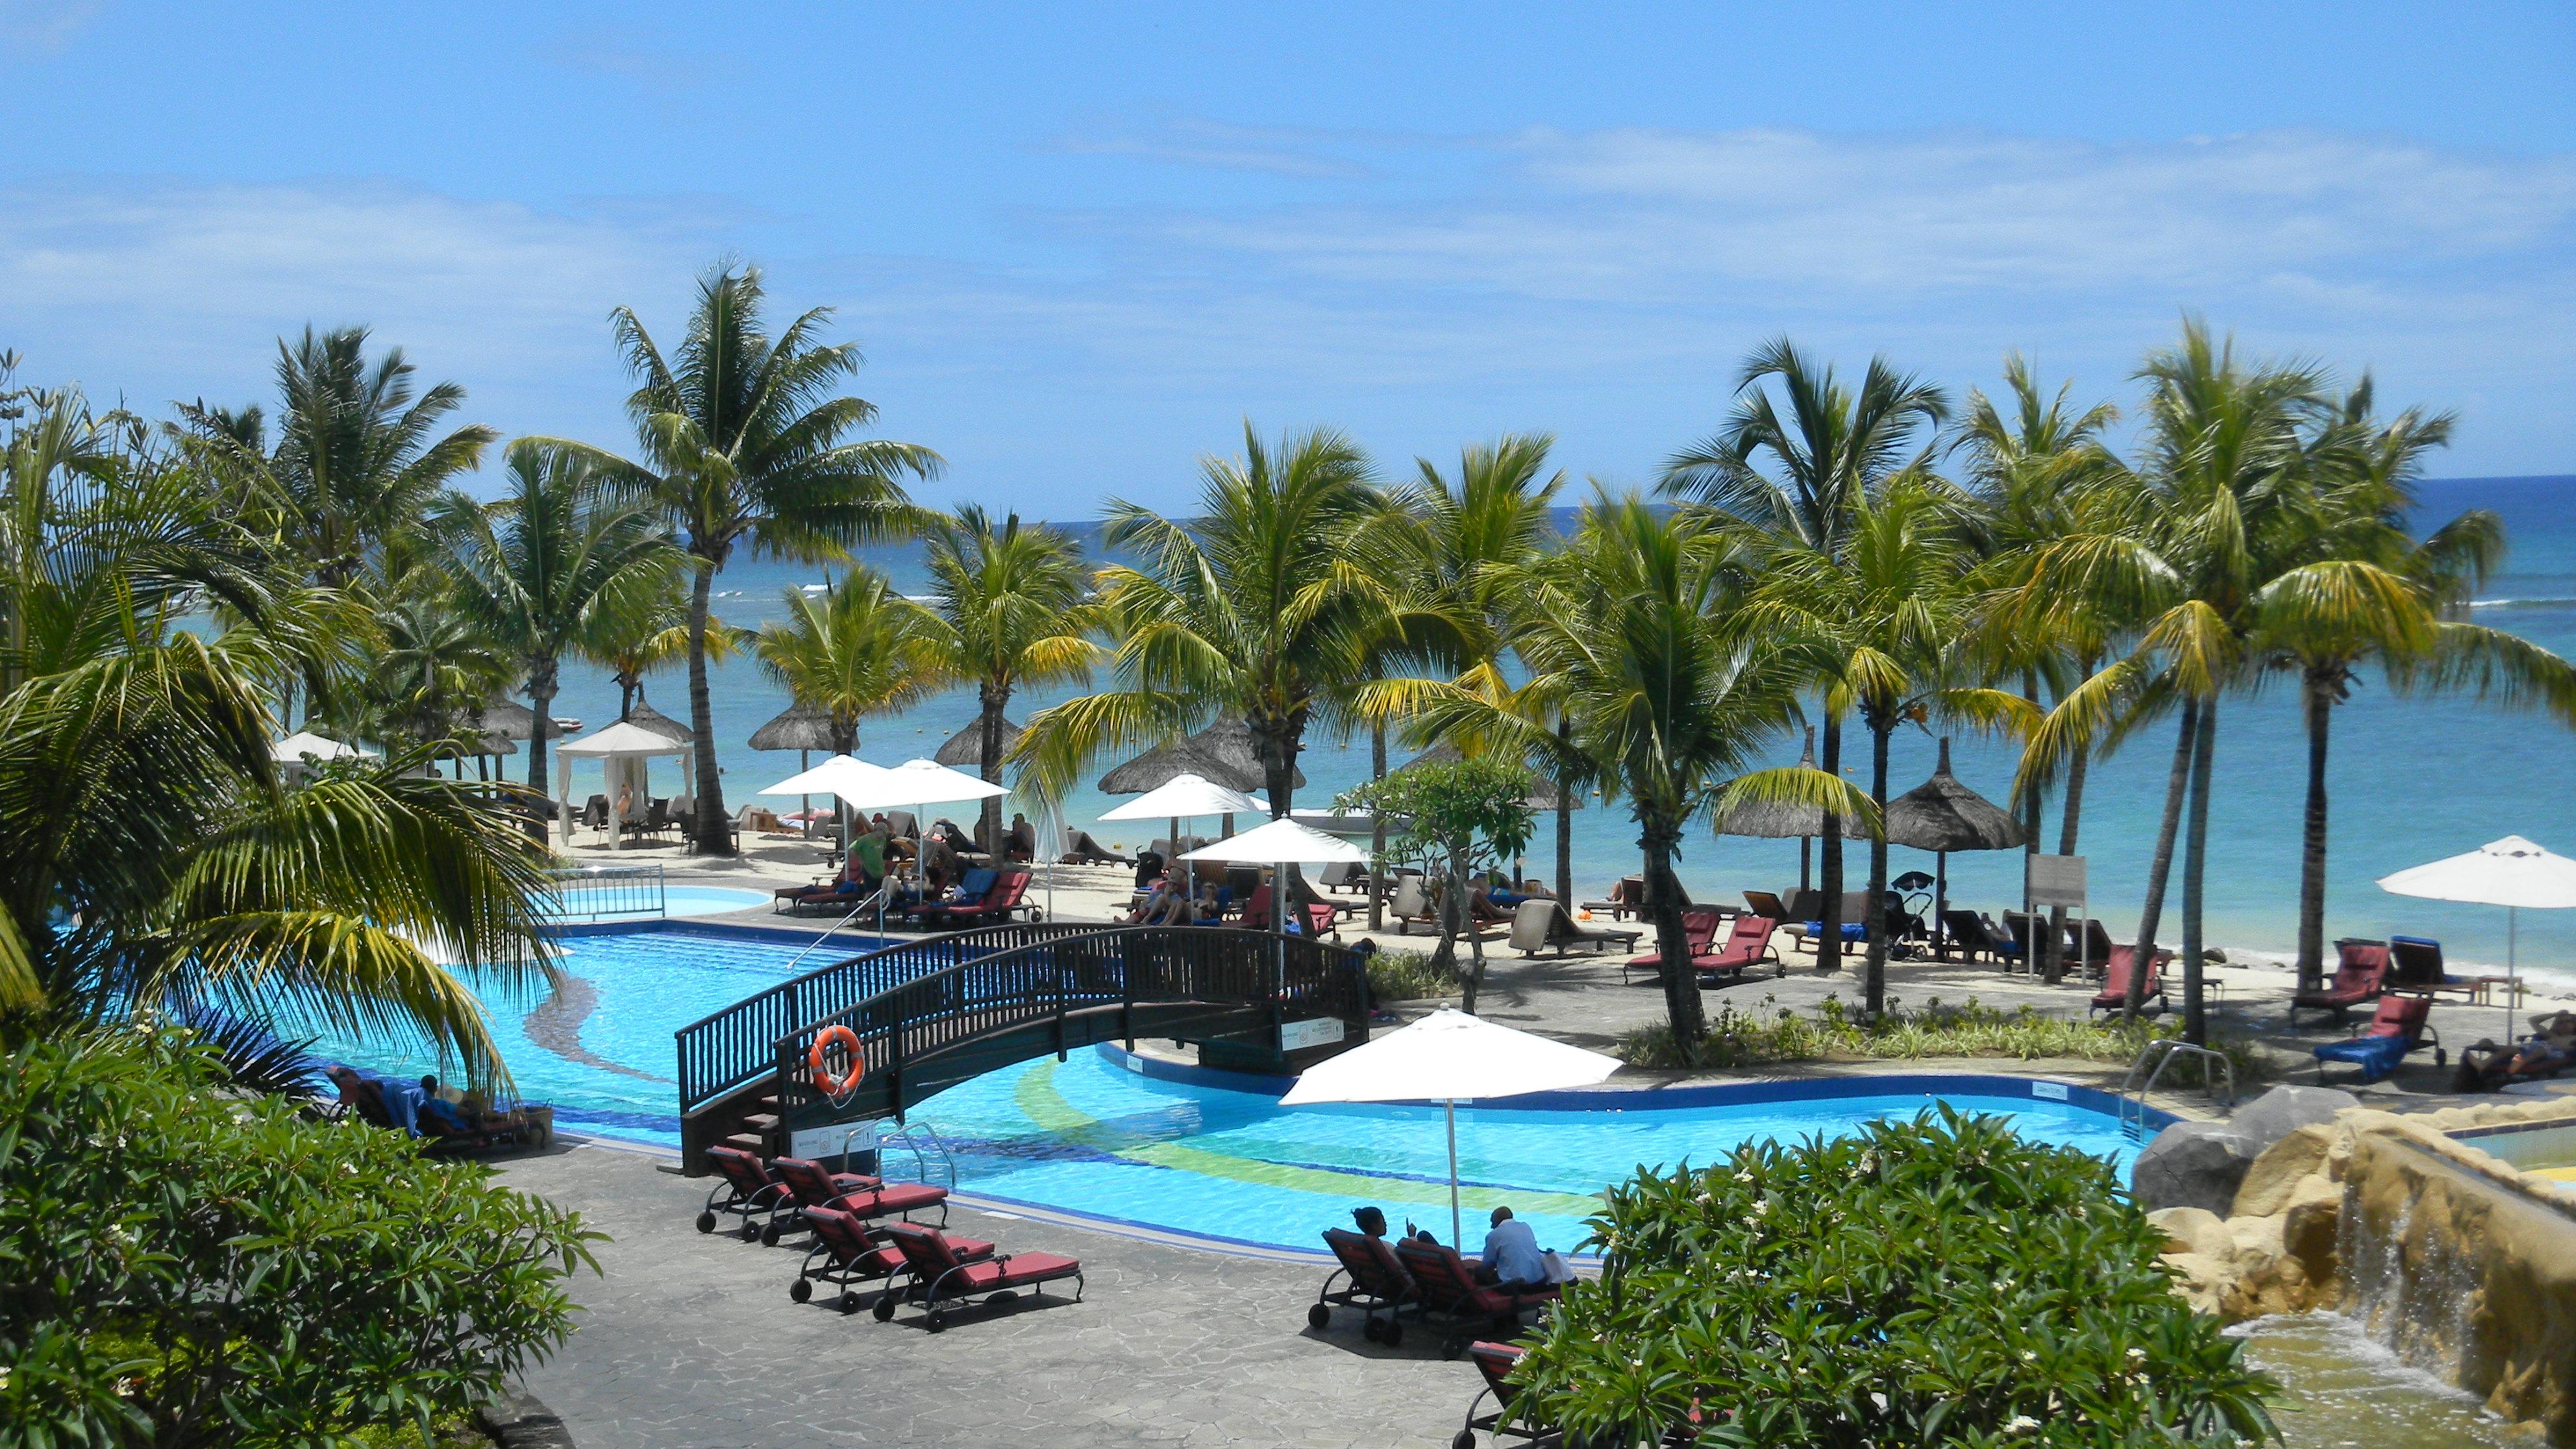 天津海泰�yle_le meridien ile maurice resort(毛里求斯莫里斯岛艾美酒店)